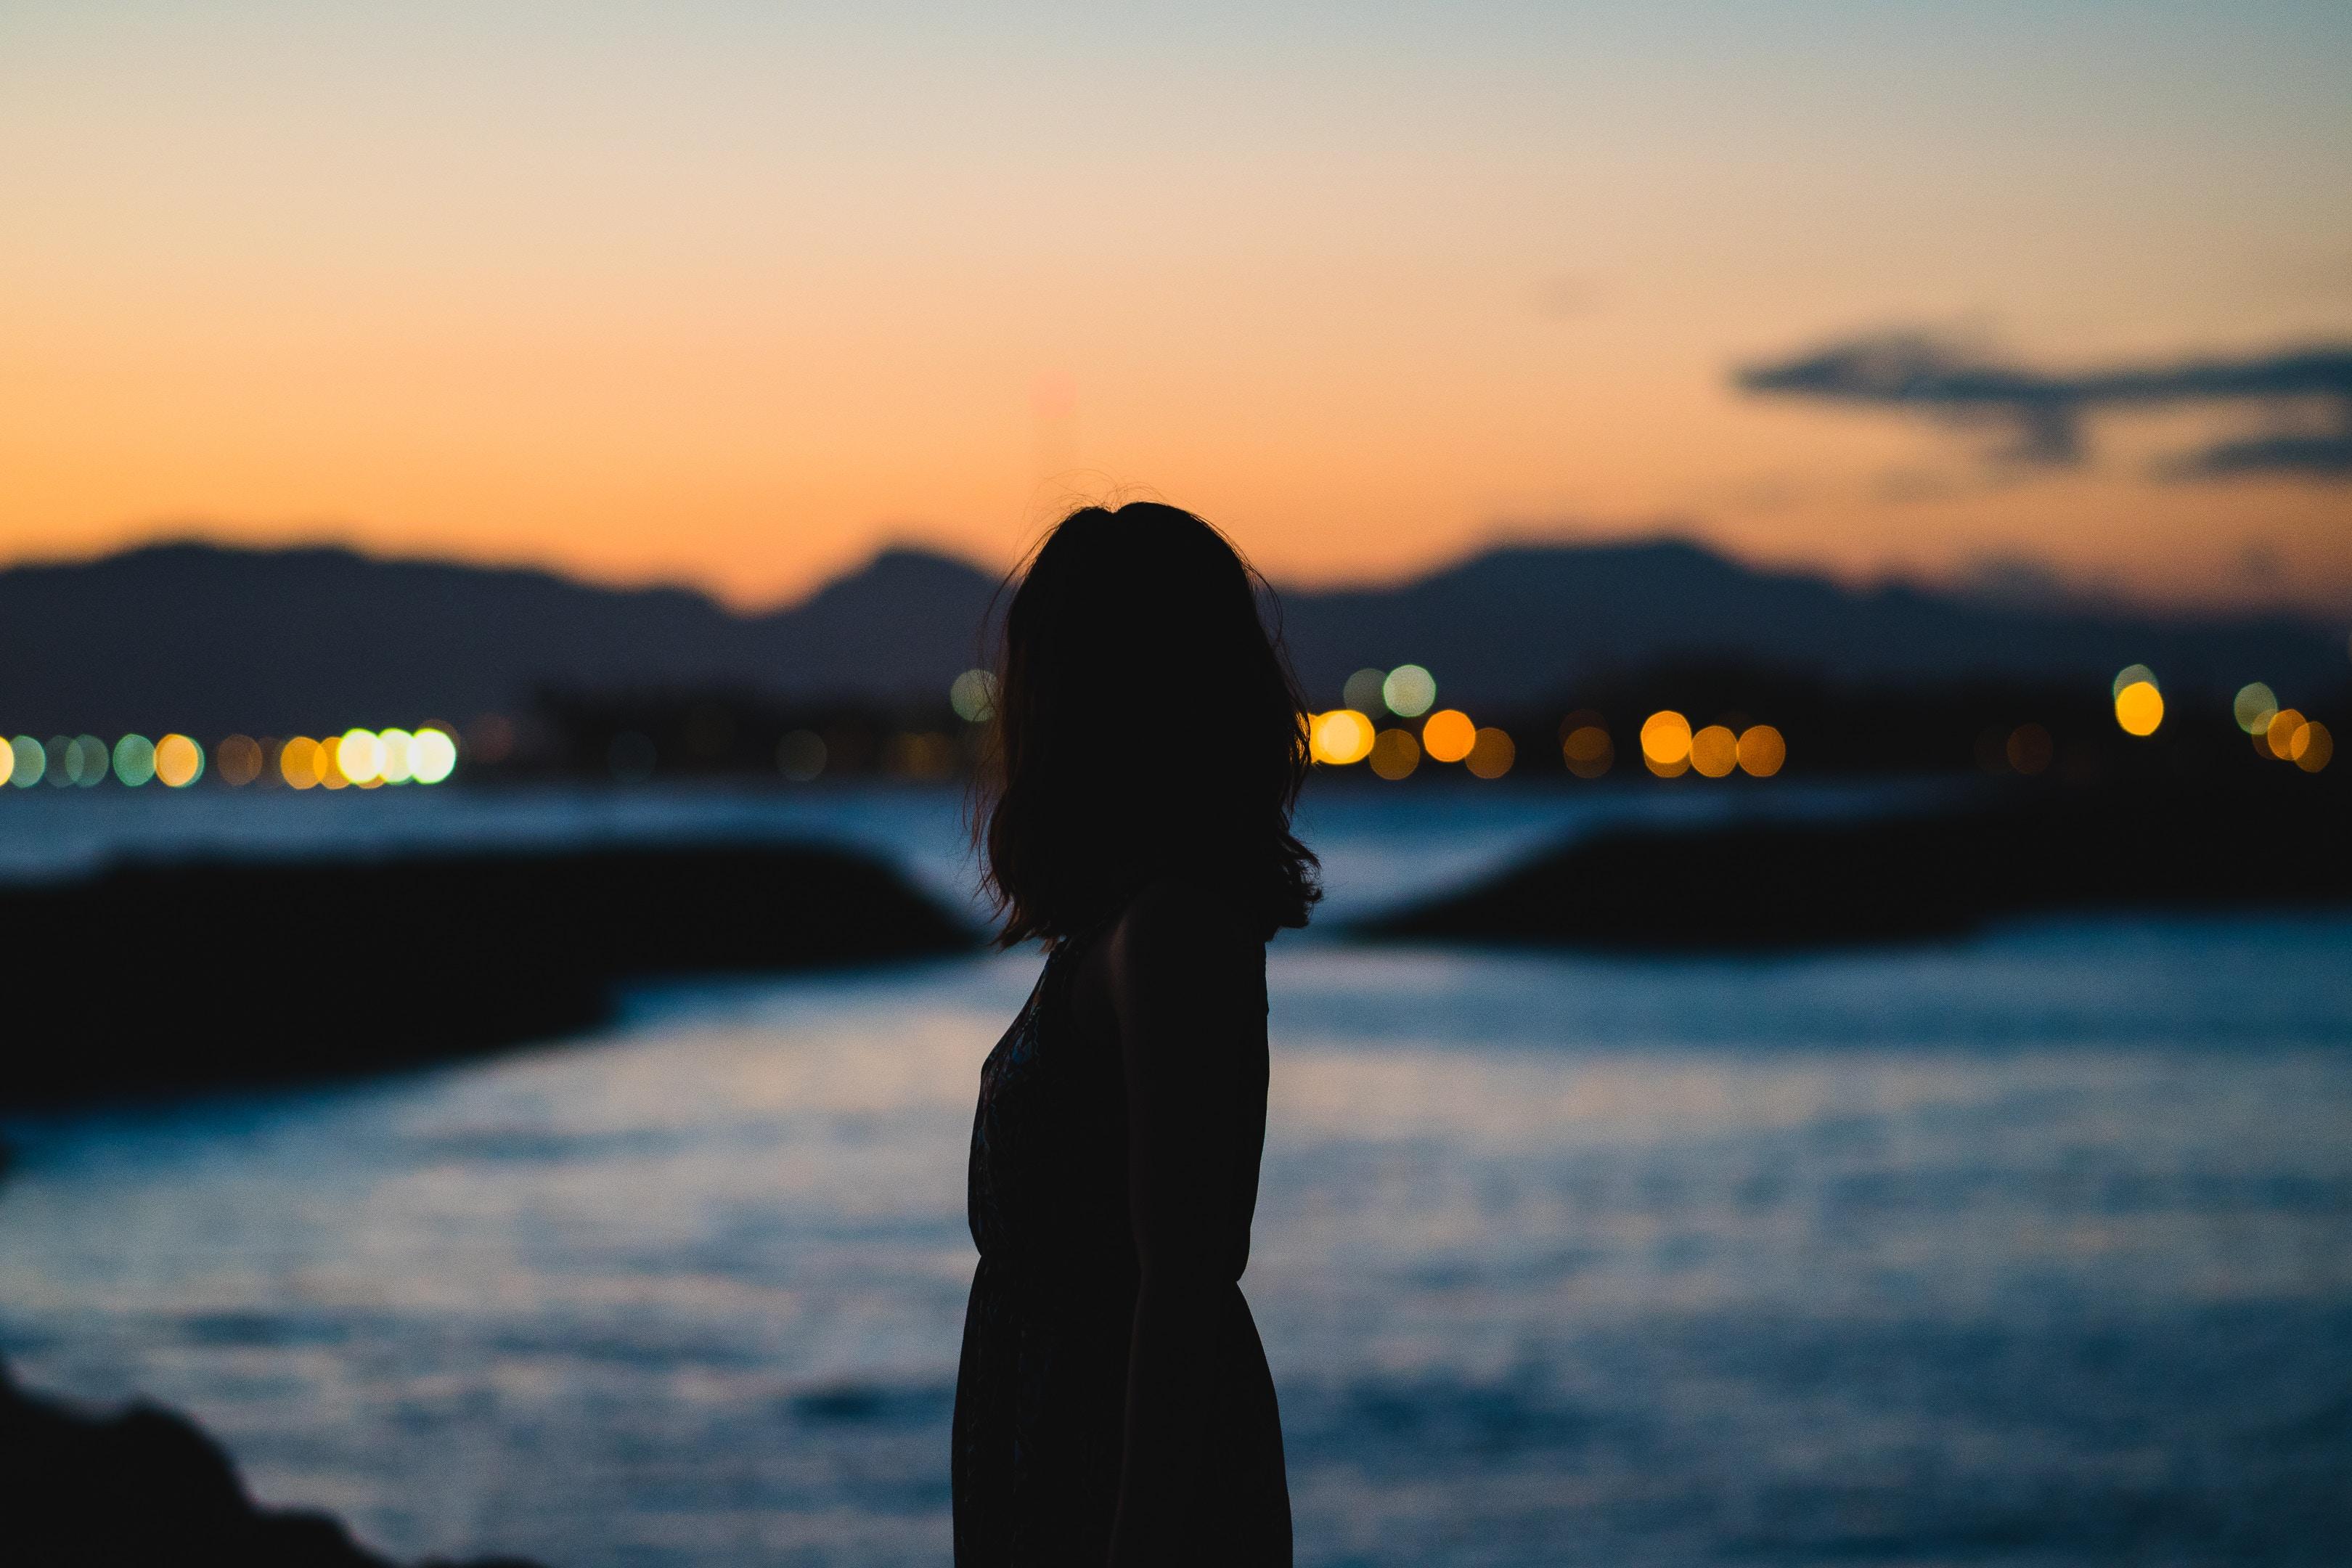 Il tramonto dell'assenza – Daniele Altina